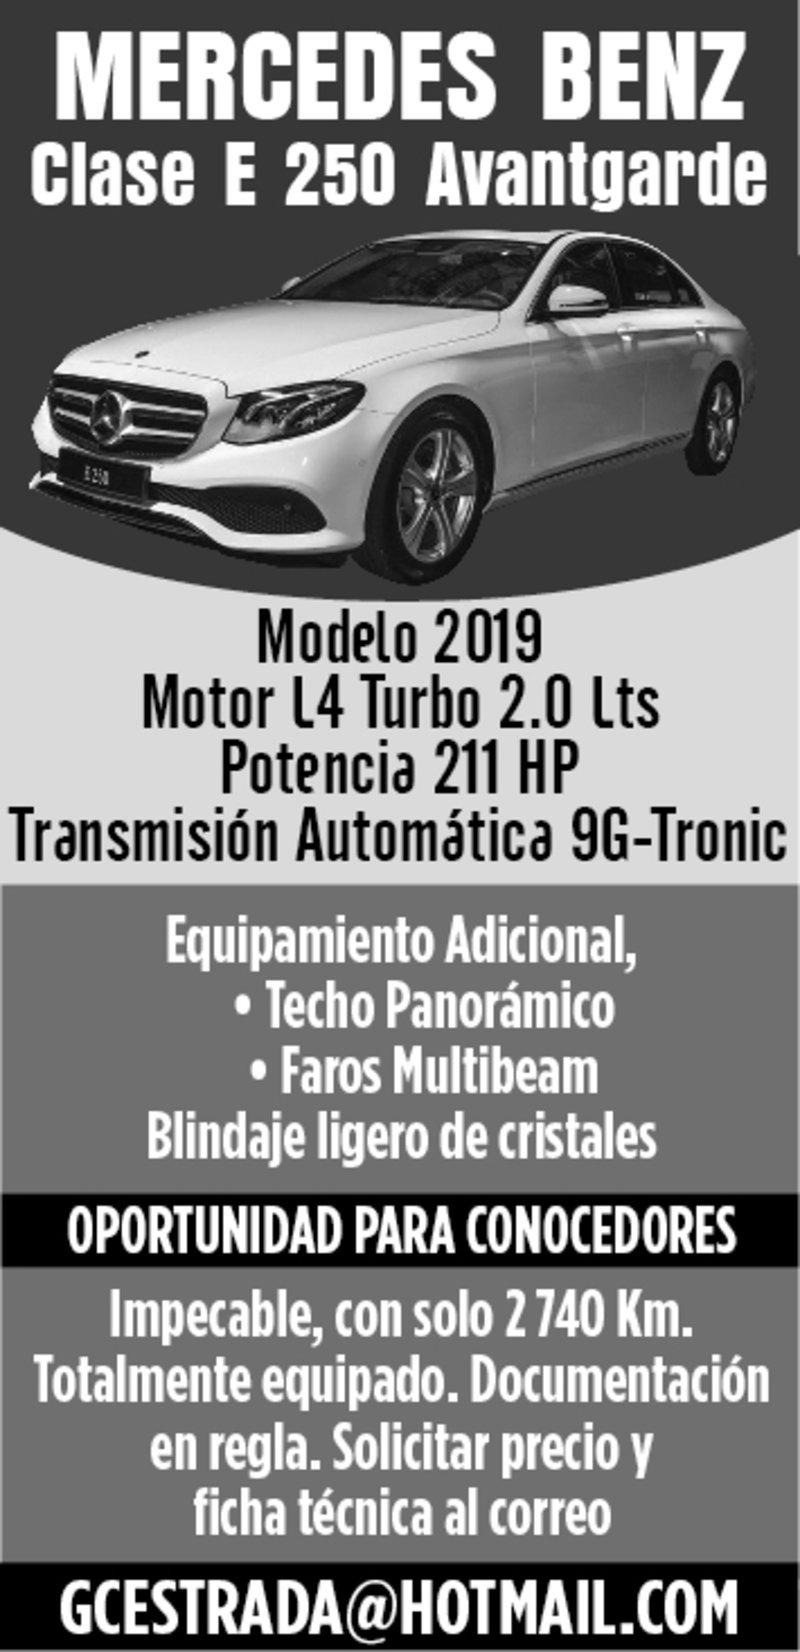 MERCEDES BENZ Clase E 250 Avantgarde